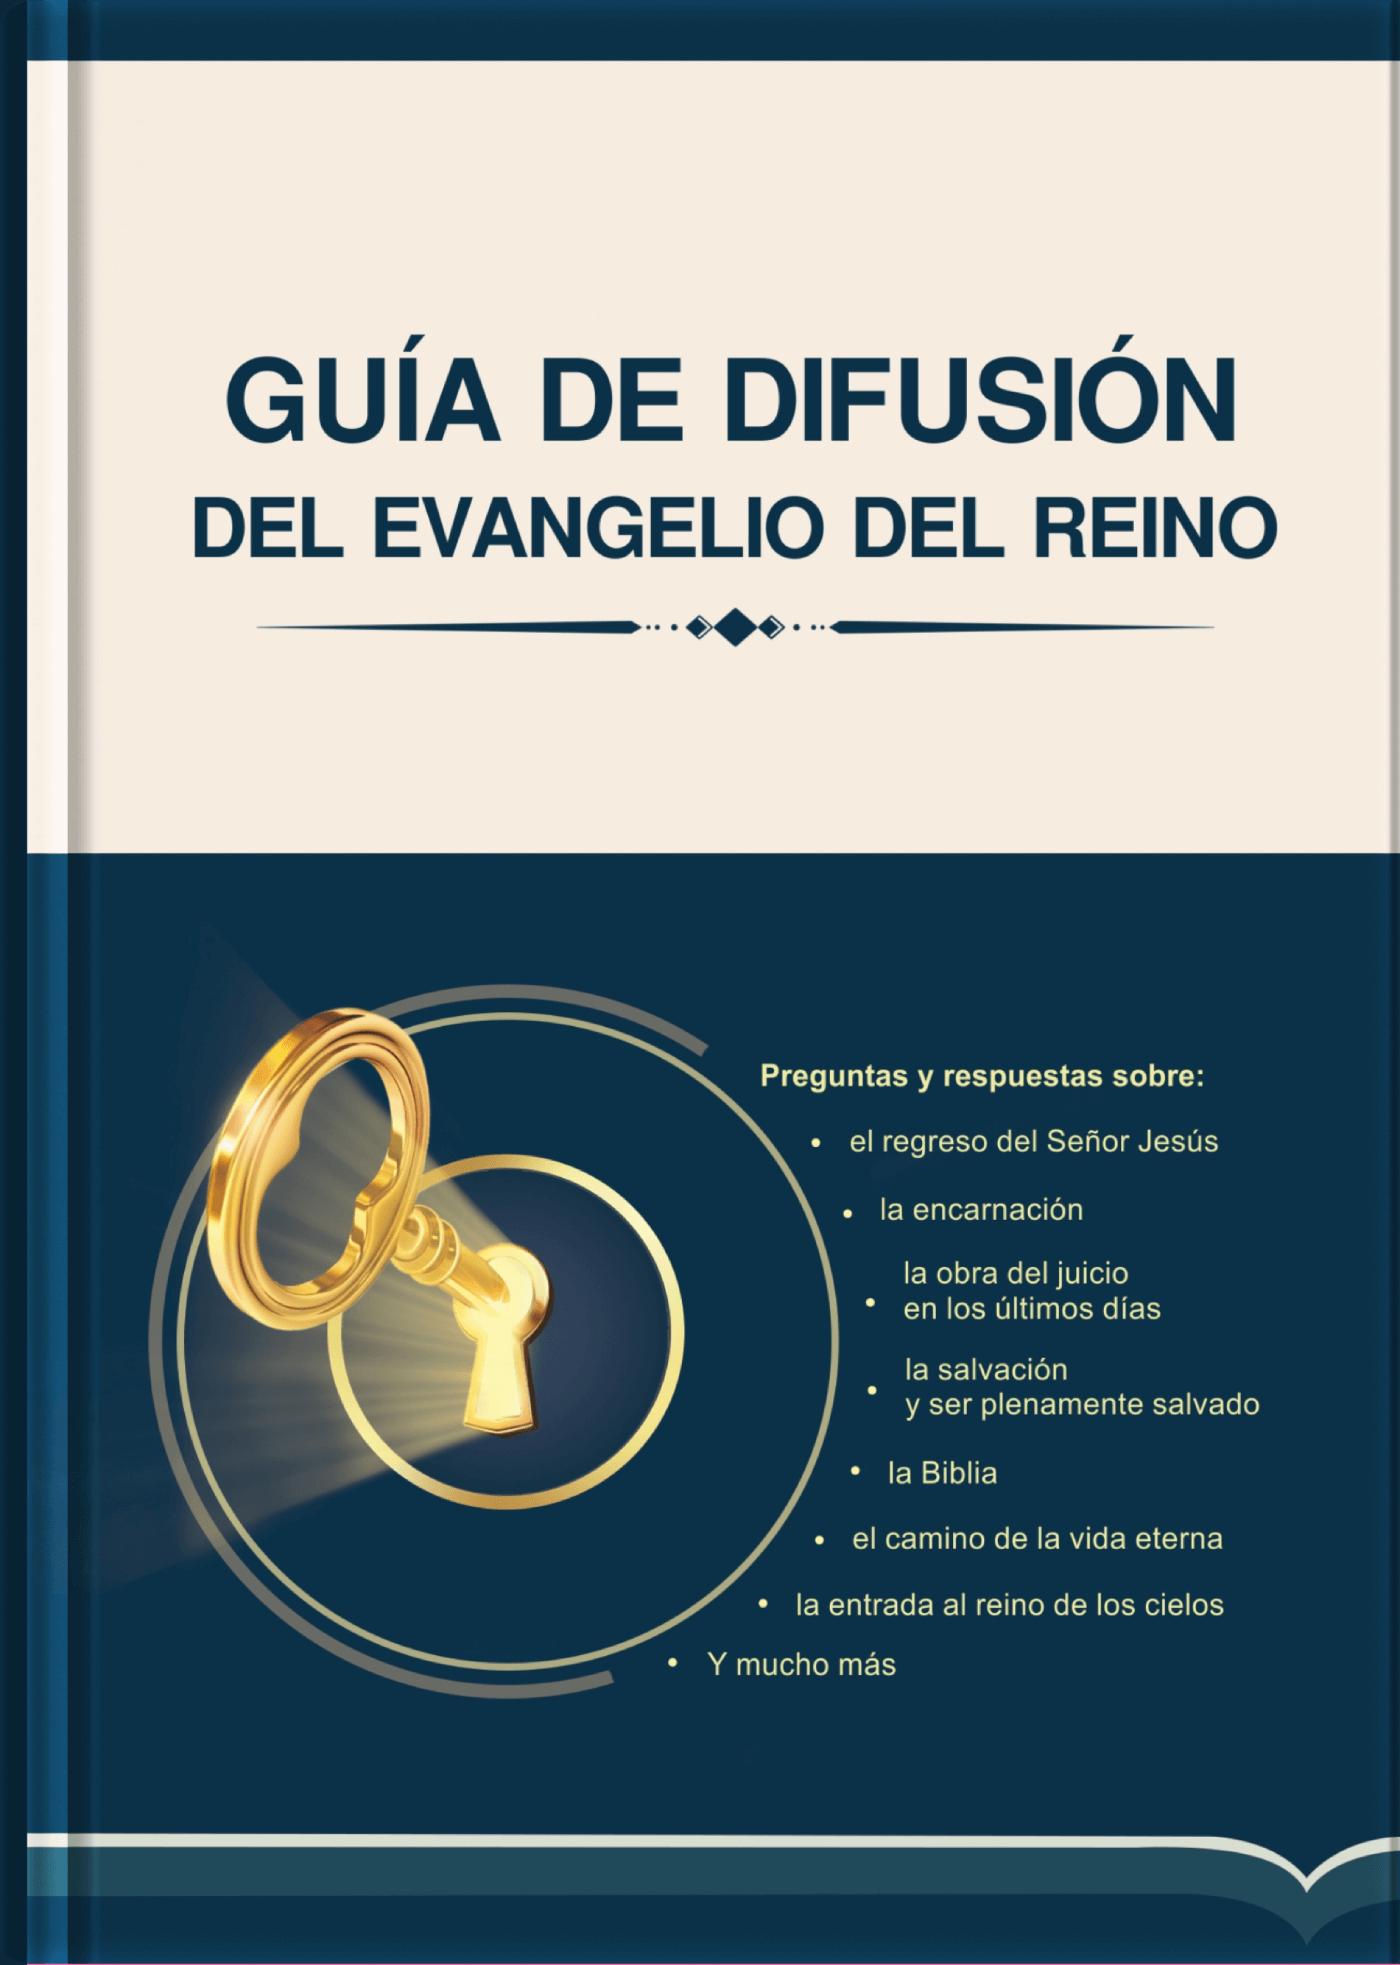 Guía de difusión del evangelio del reino